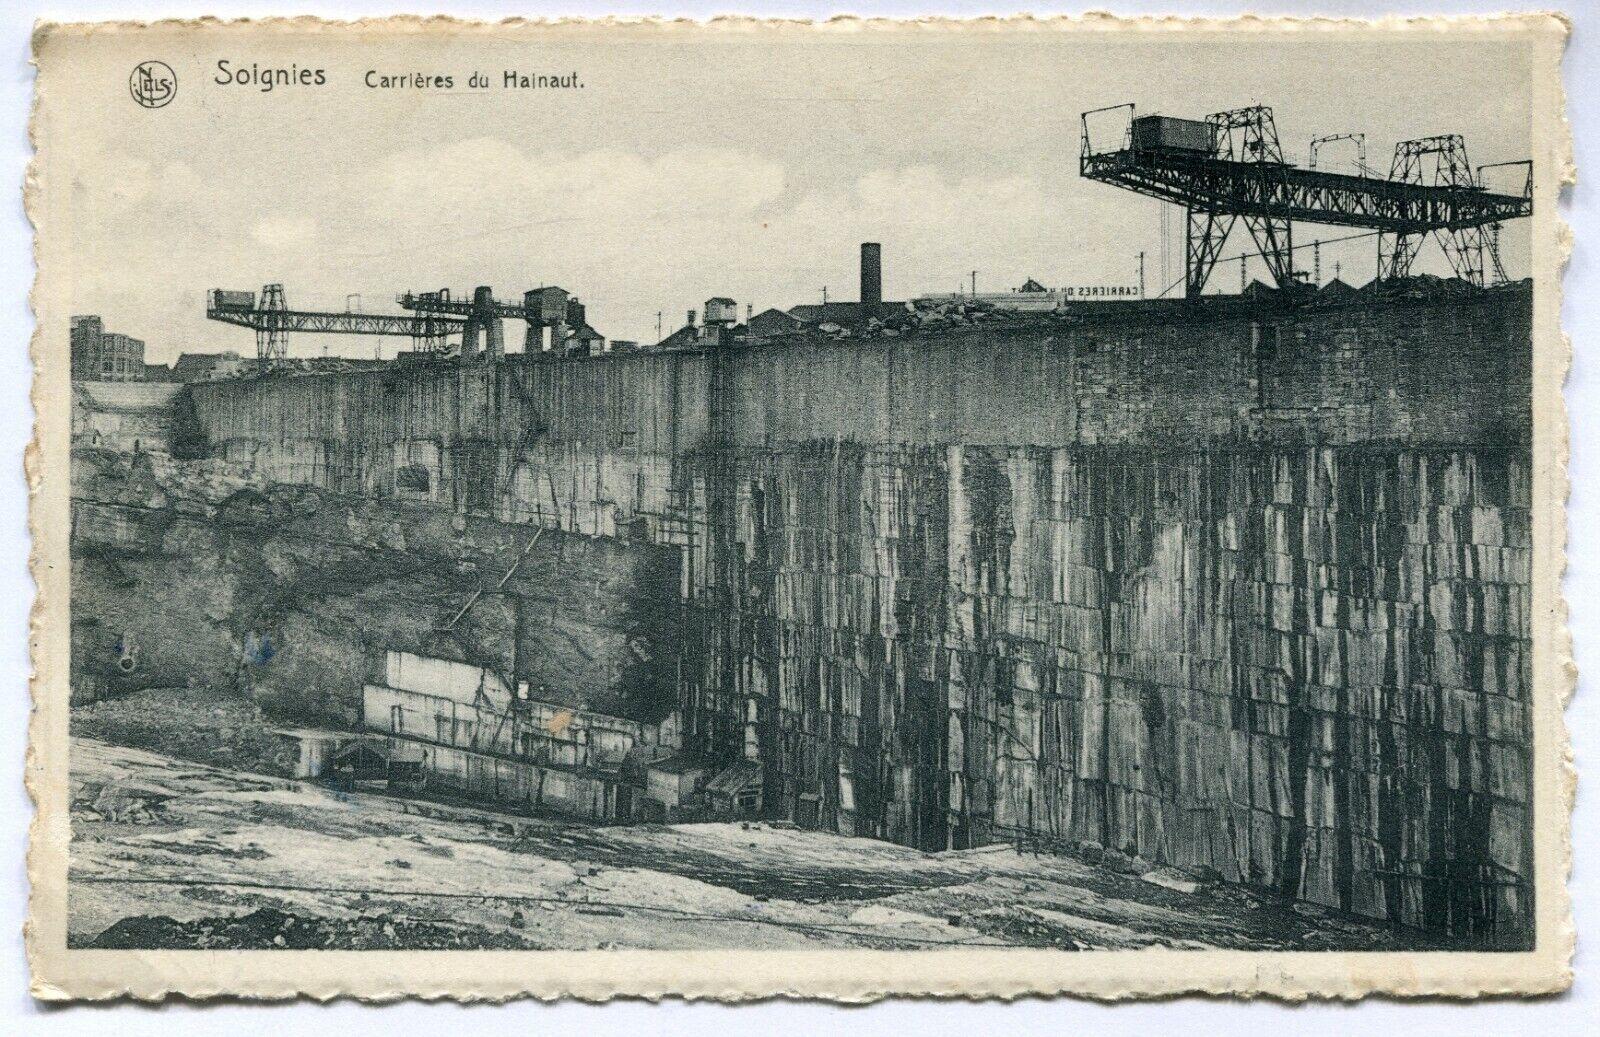 CPA - Carte Postale - Belgique - Soignies - Carrières du Hainaut (D10218)